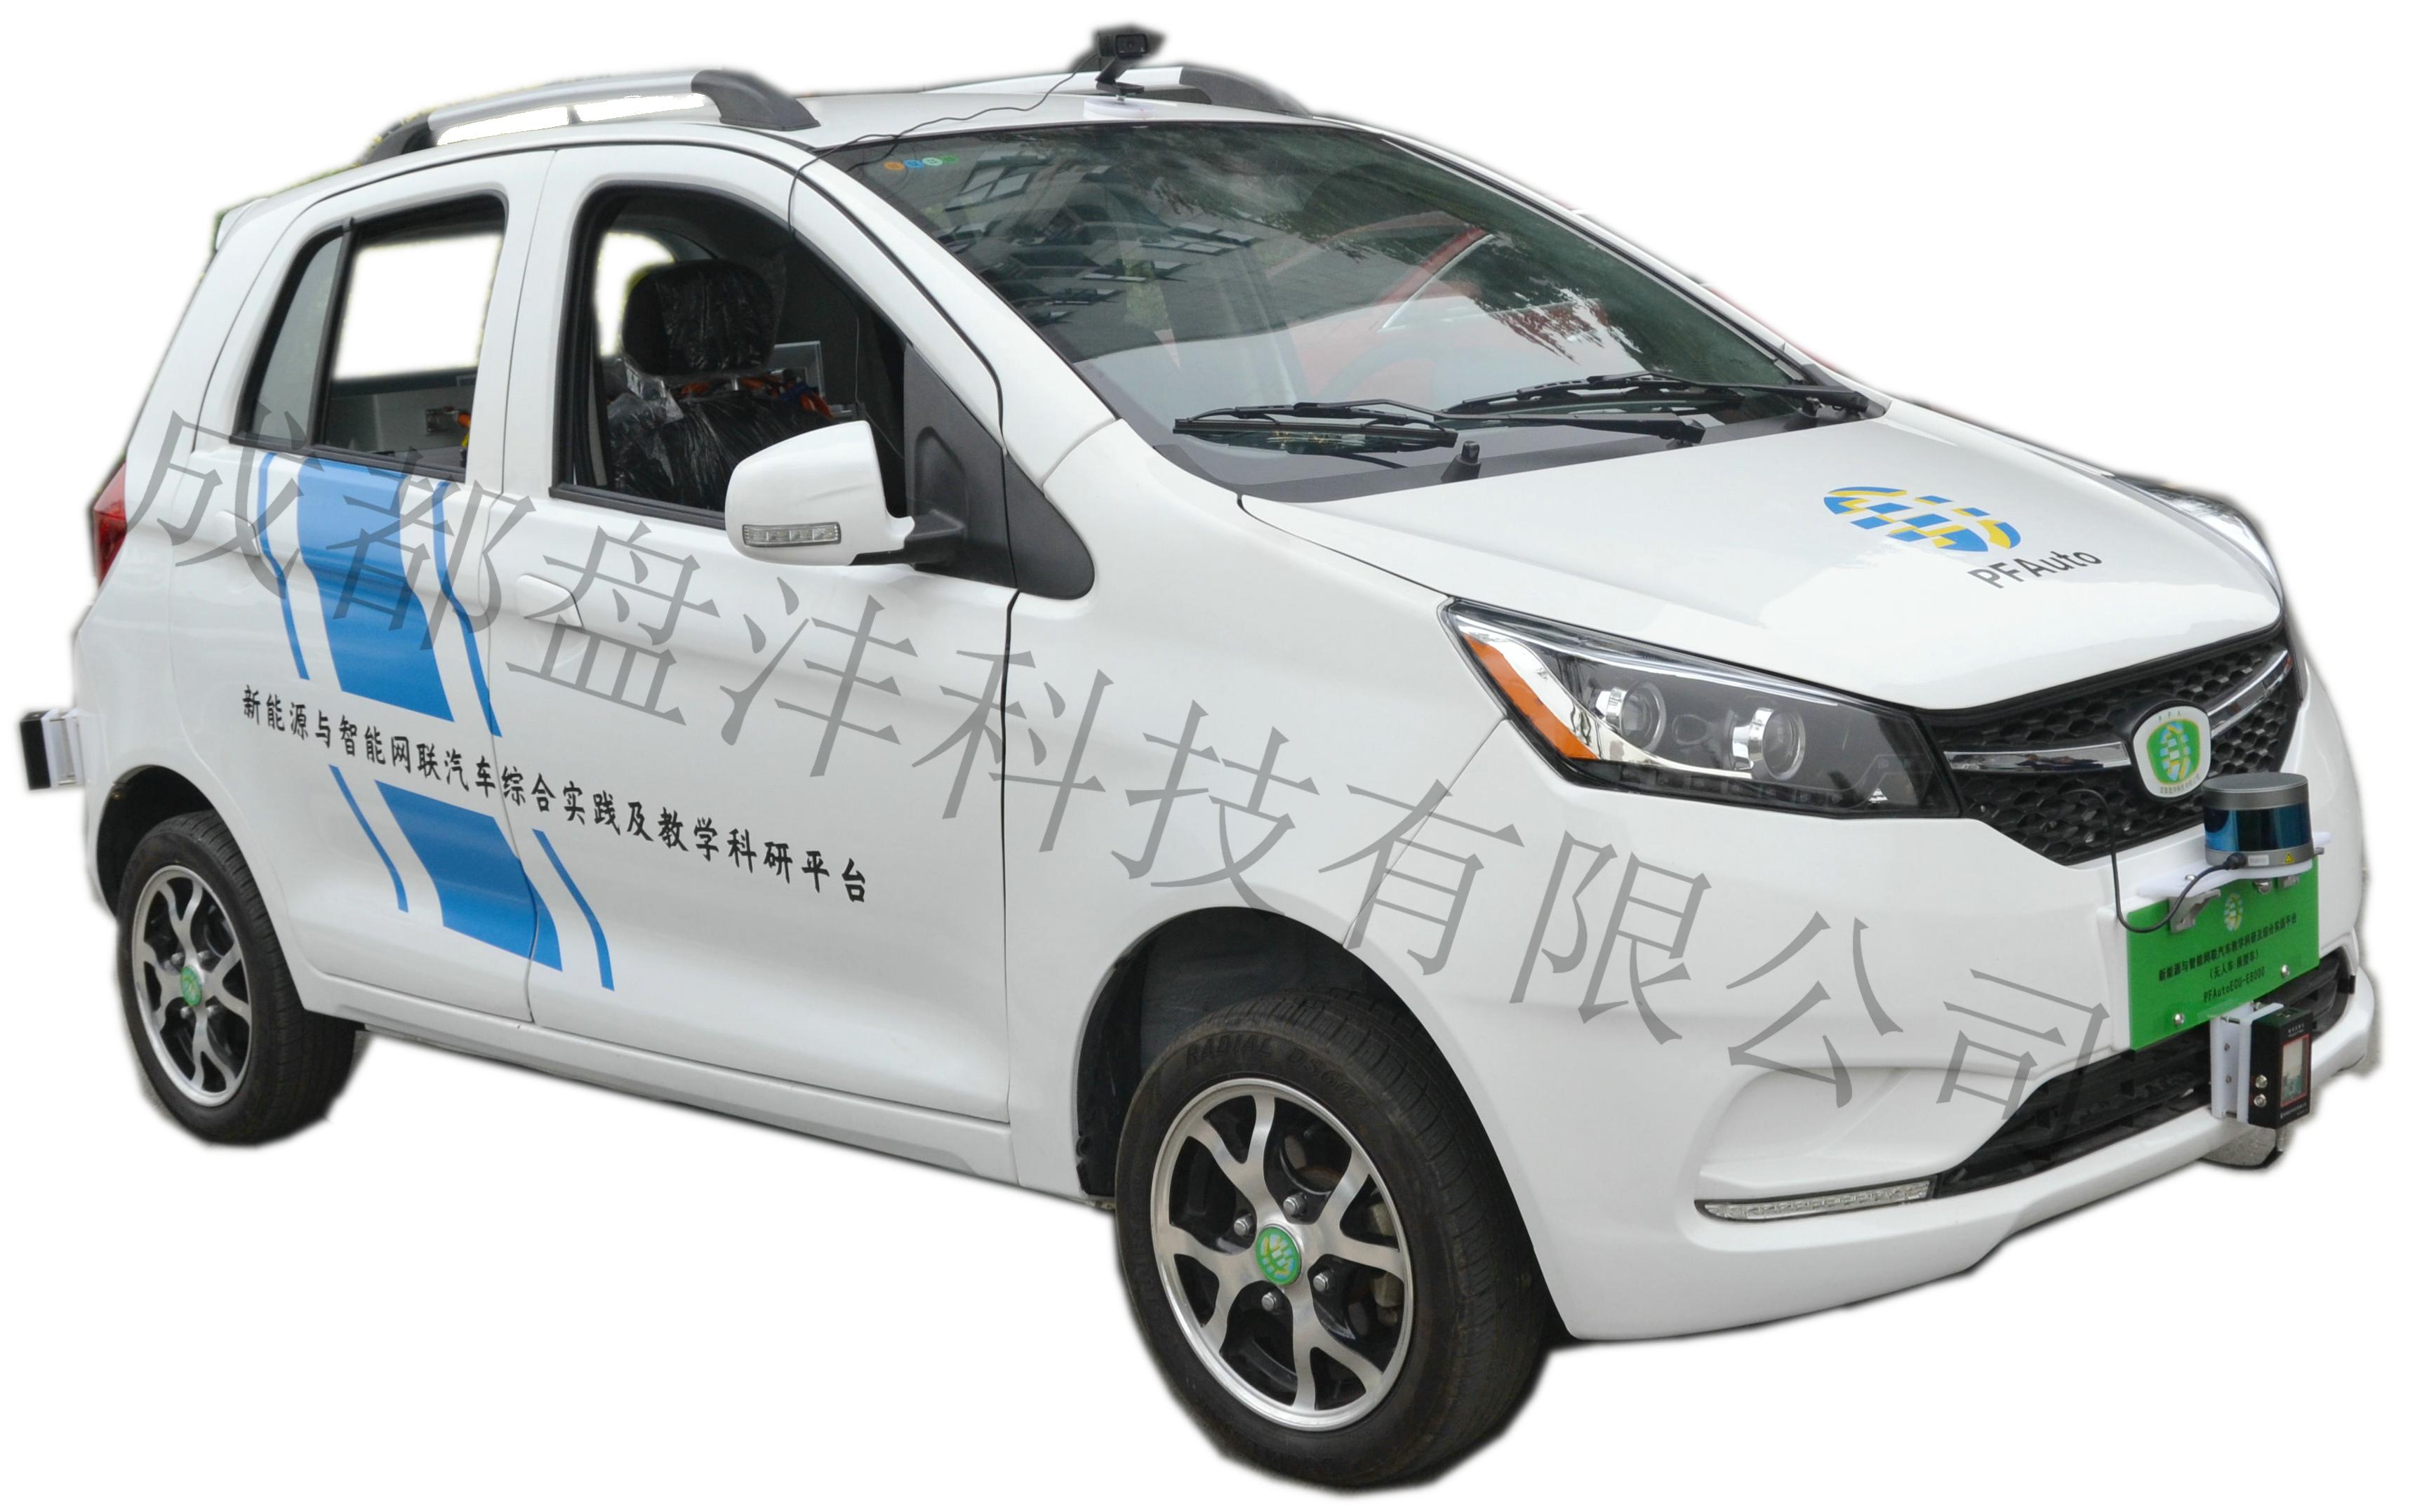 新能源电动汽车教学科研及综合实践平台(原型车)